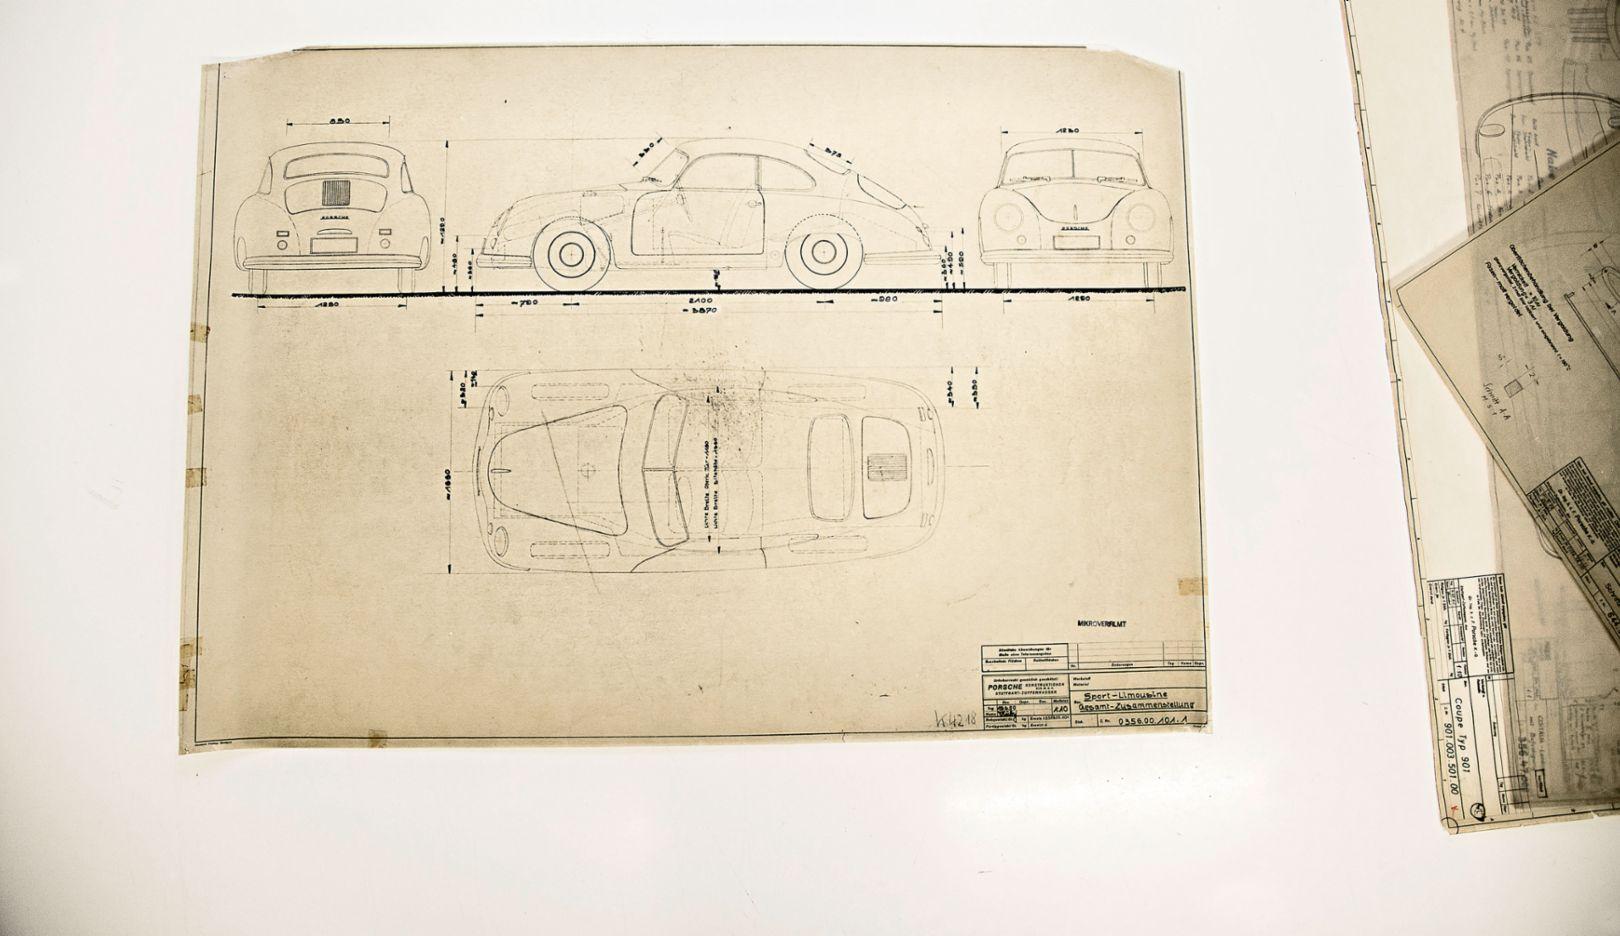 Porsche-Konstruktionszeichnungen, Weissach, 2018, Porsche AG